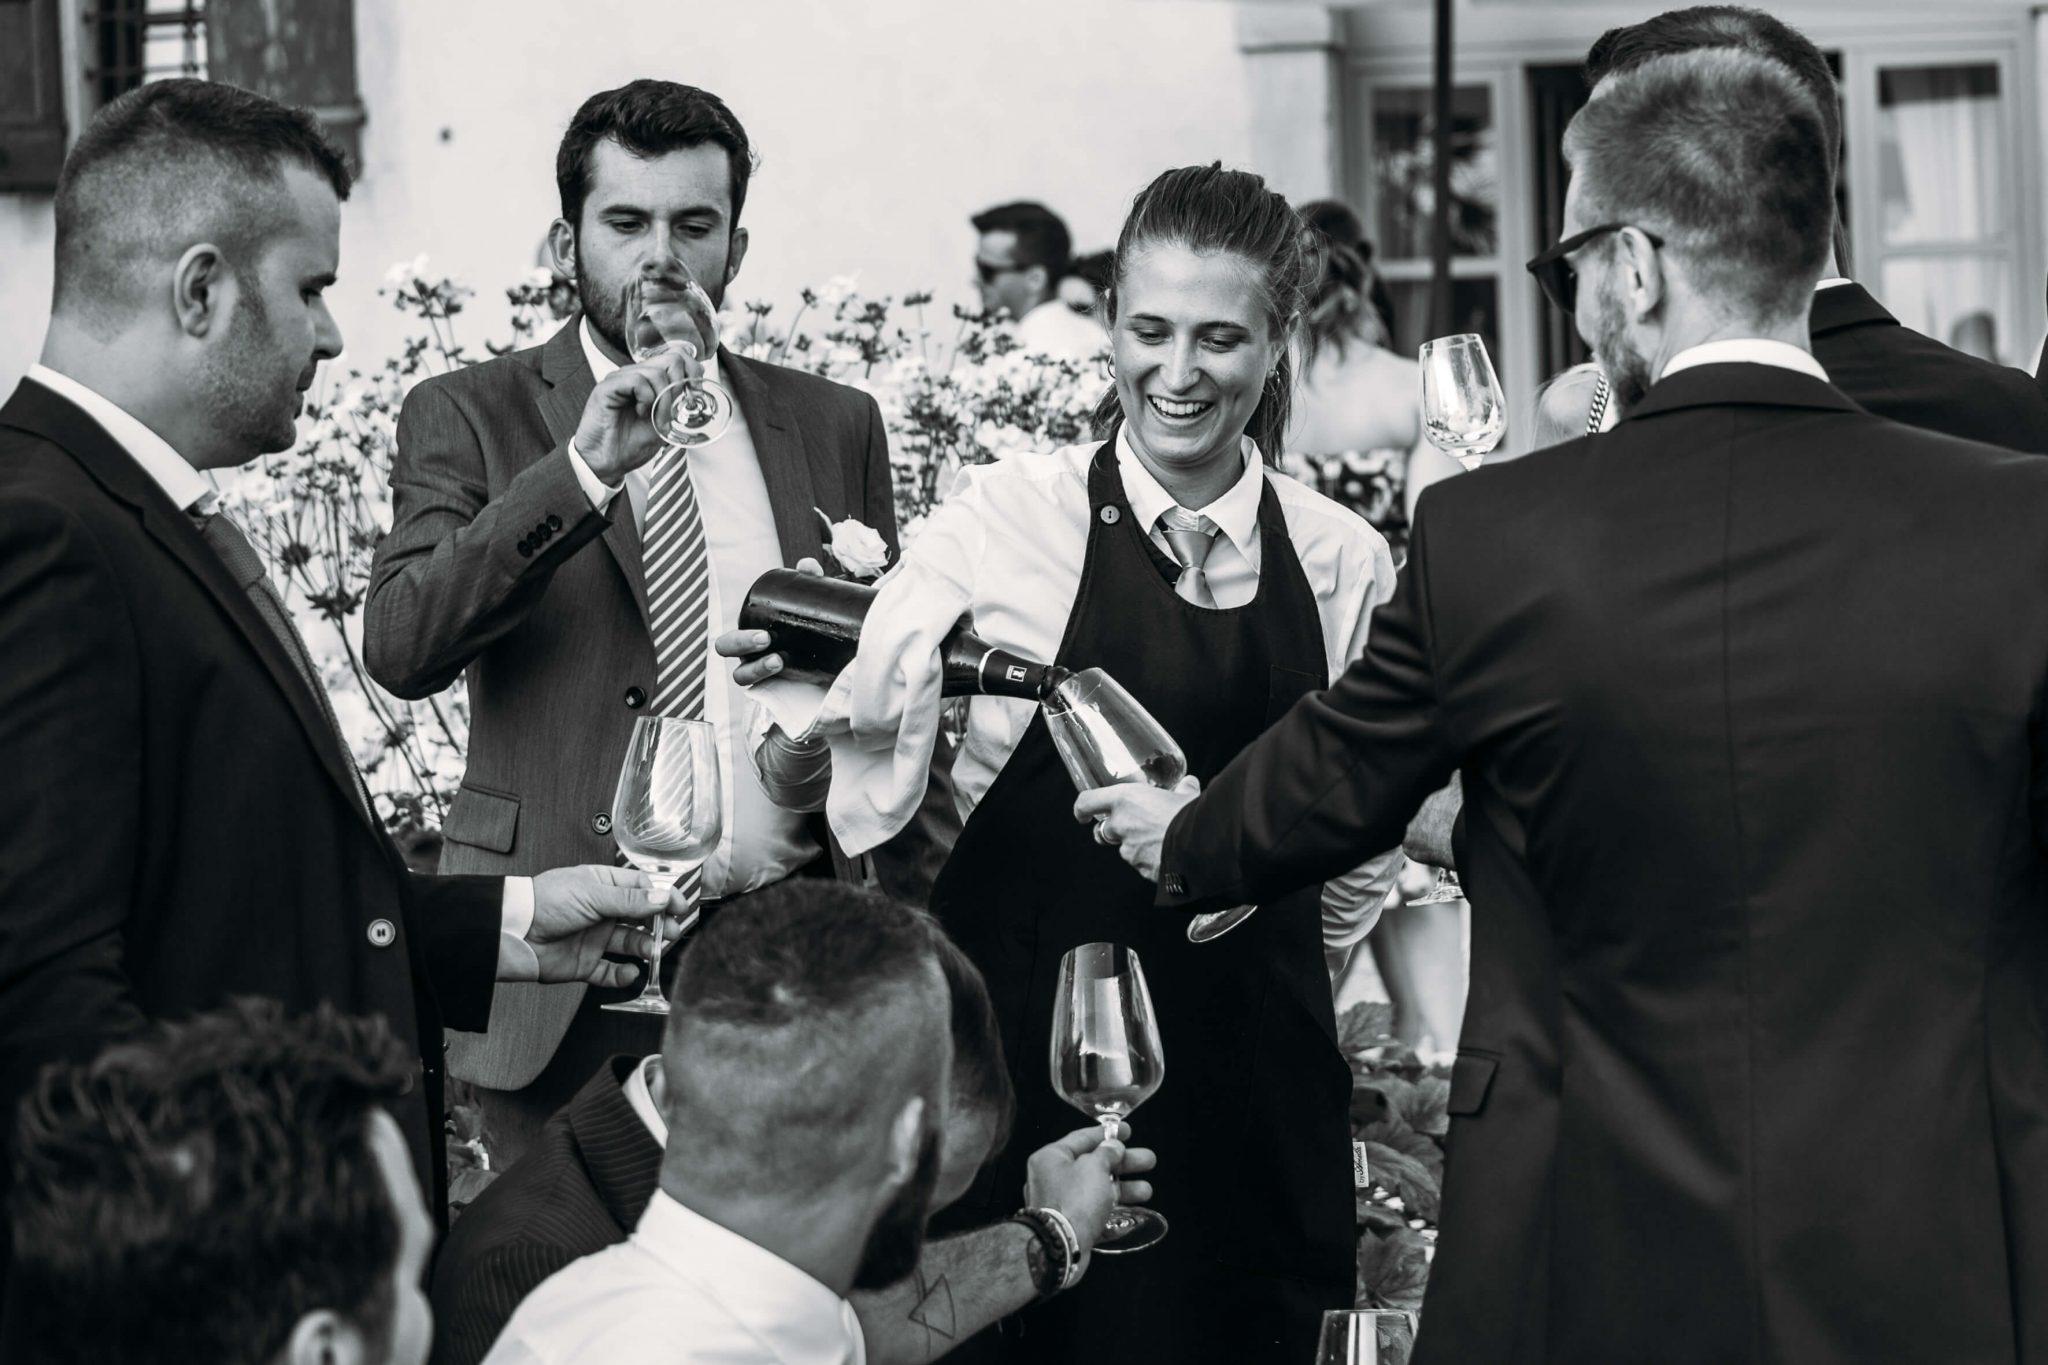 una cameriera serve agli invitati il vino